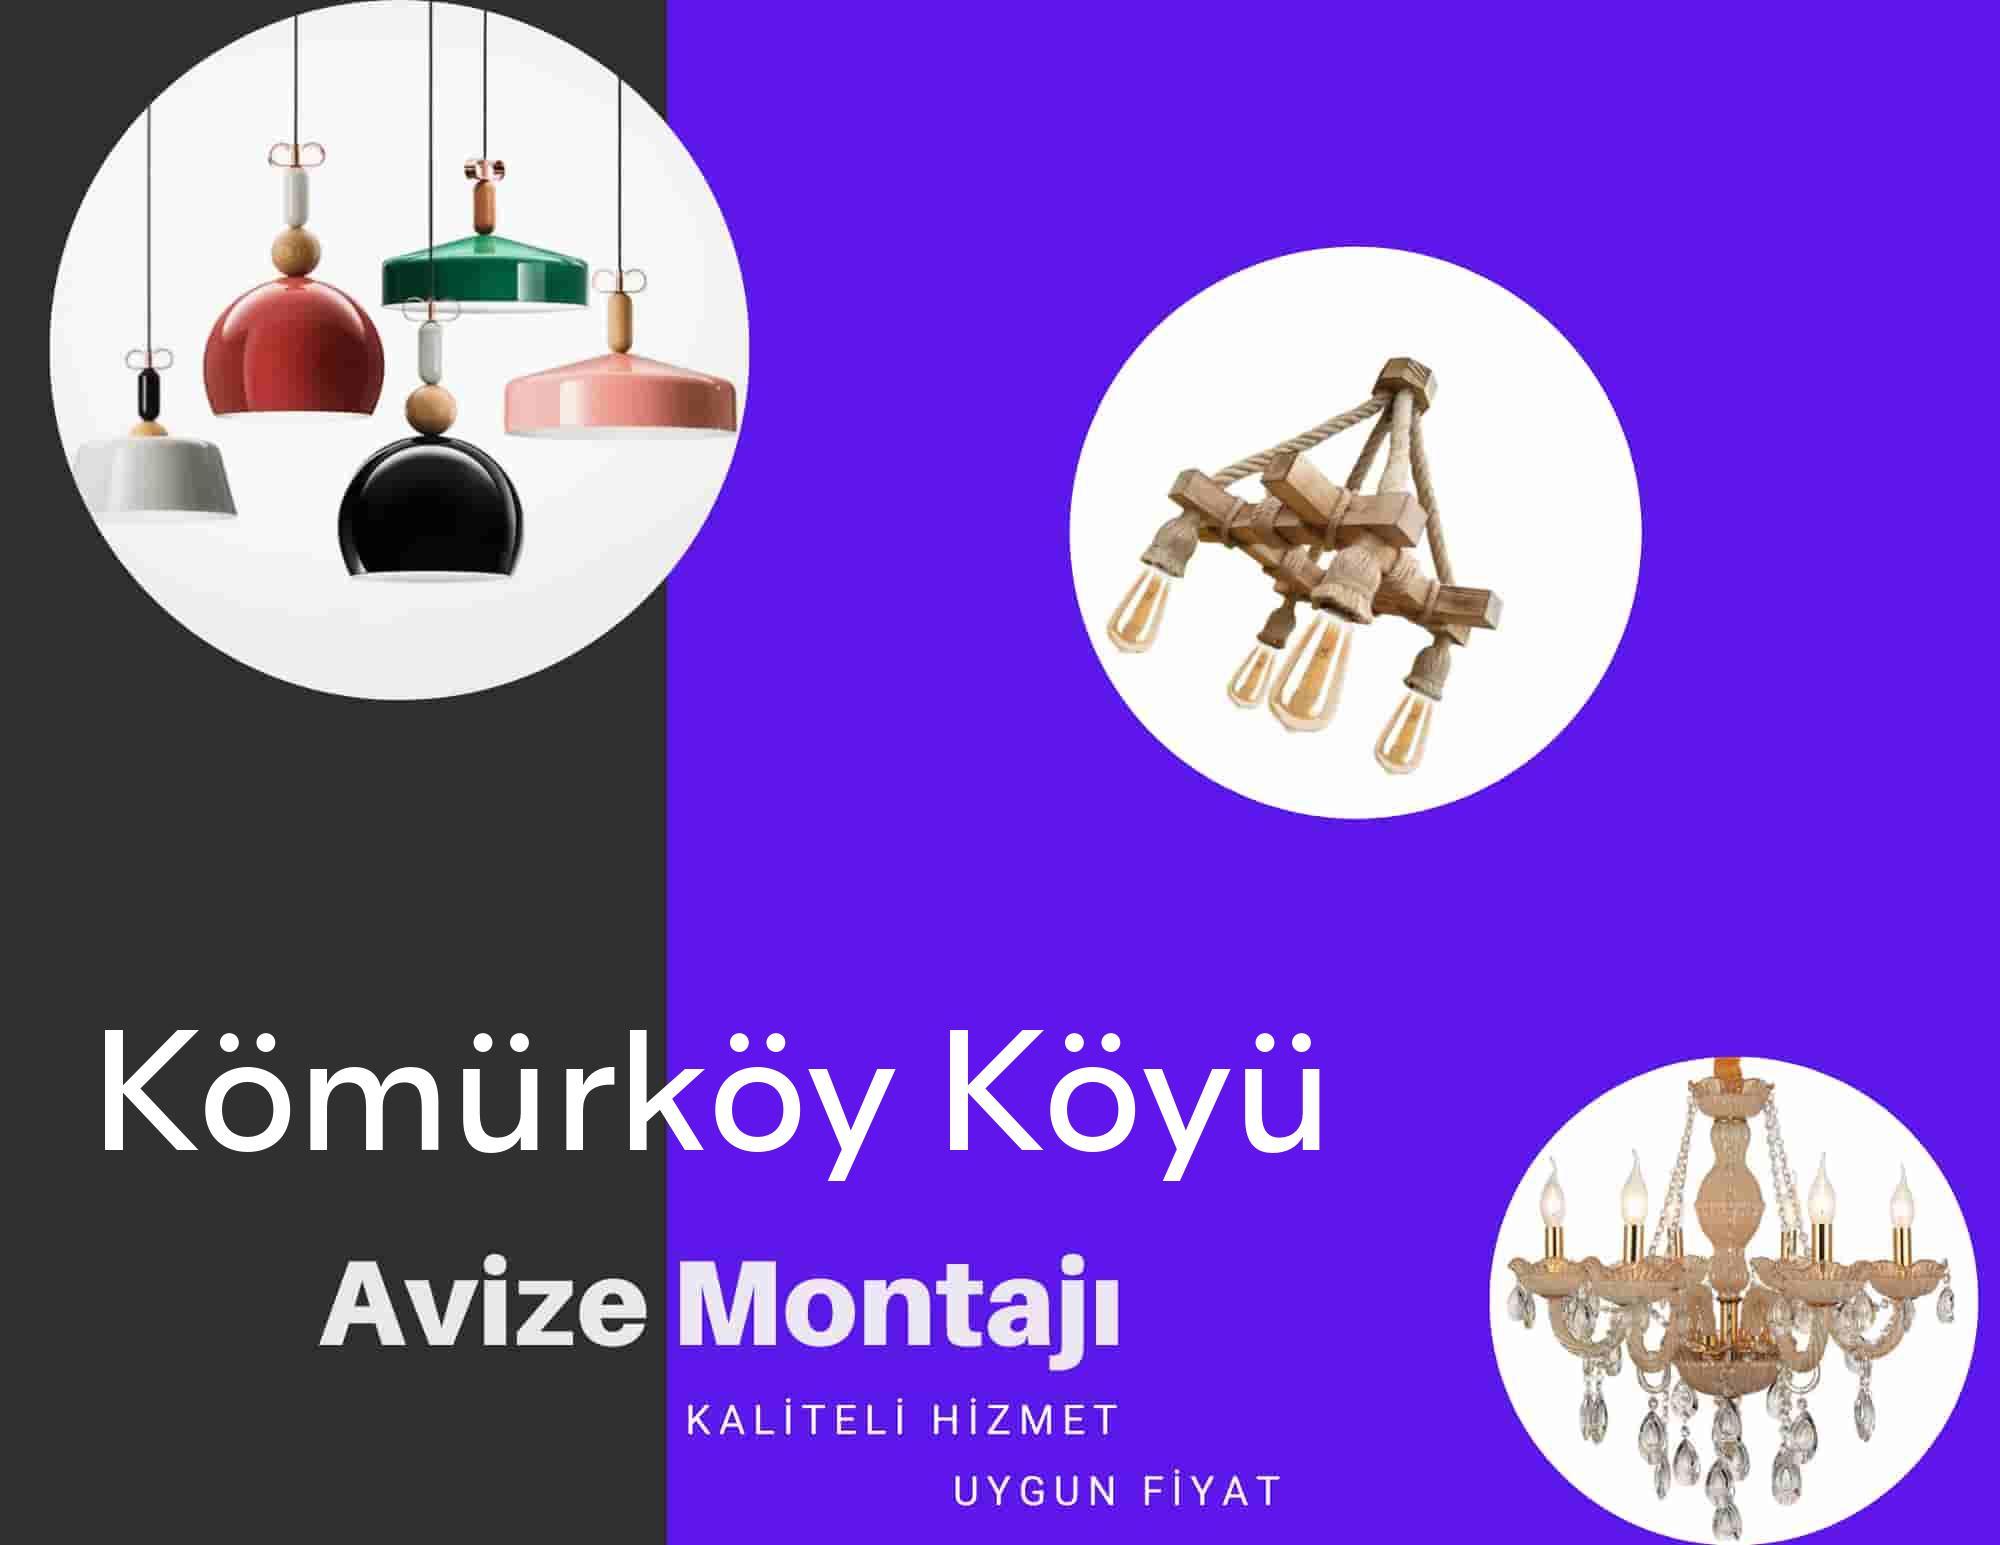 Kömürköy Köyüde avize montajı yapan yerler arıyorsanız elektrikcicagir anında size profesyonel avize montajı ustasını yönlendirir.